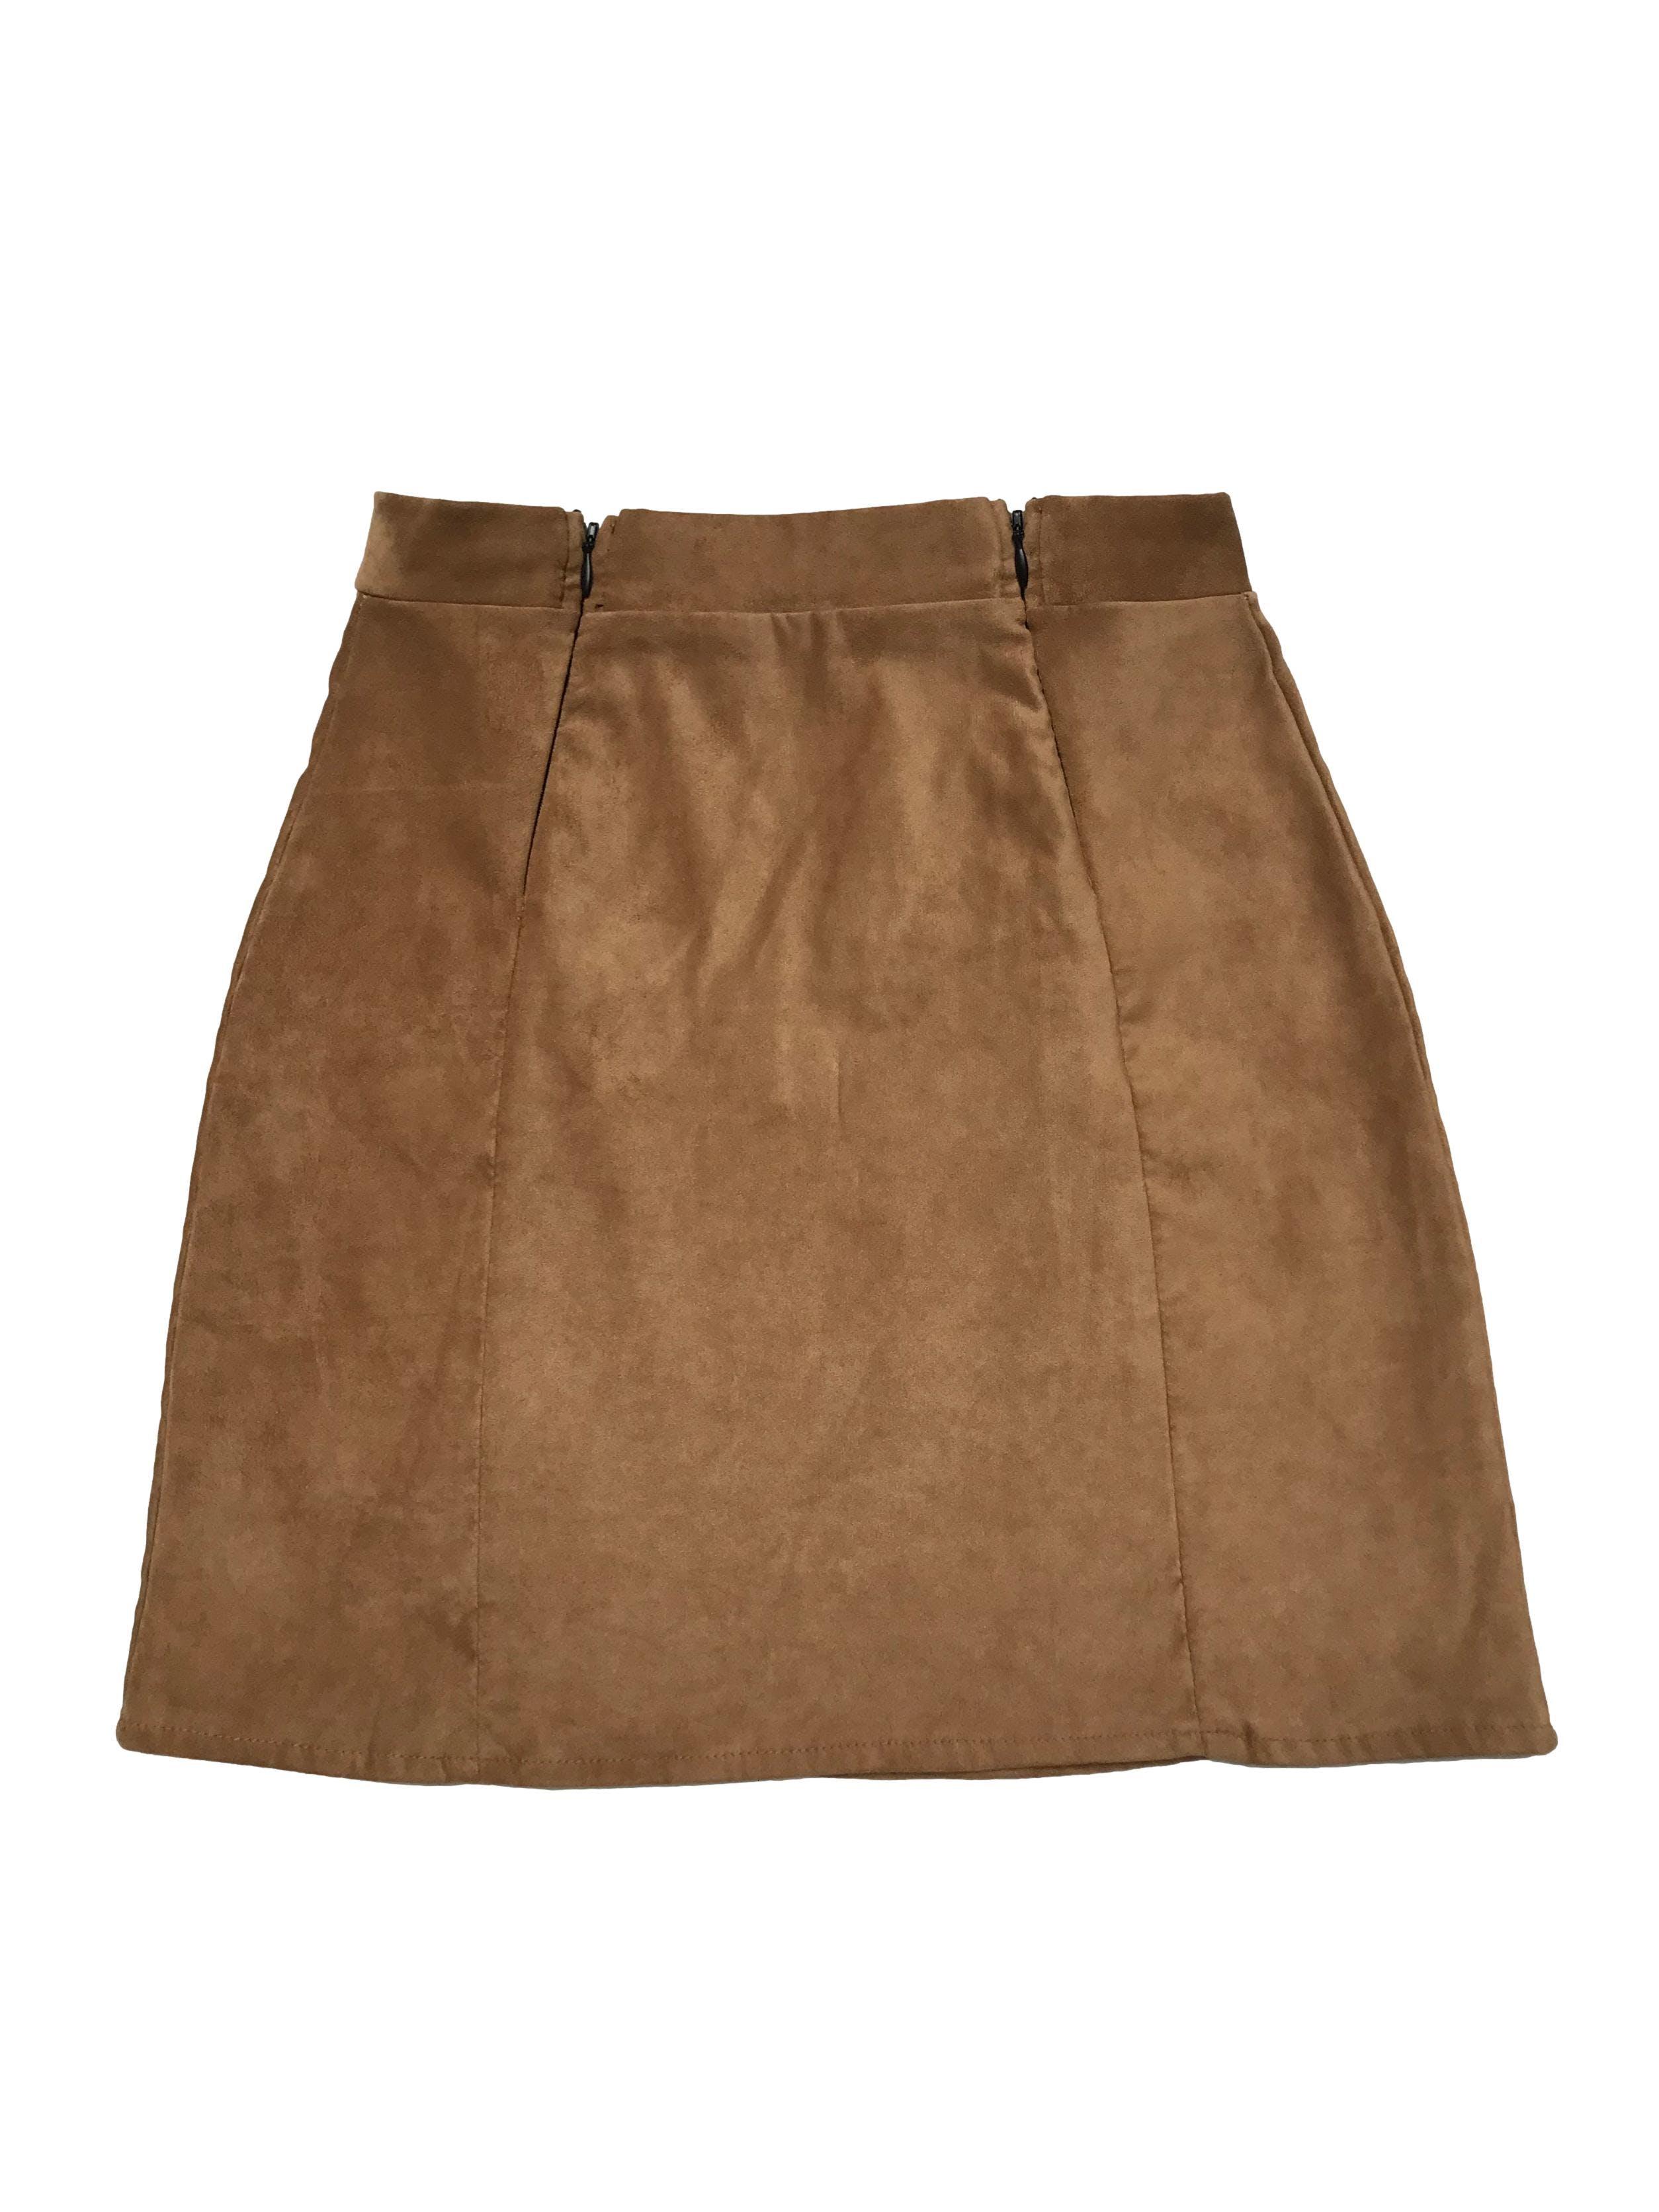 Falda piel de durazno camel, stretch, con dos cierres delanteros. Cintura 62cm sin estirar Largo 41cm.